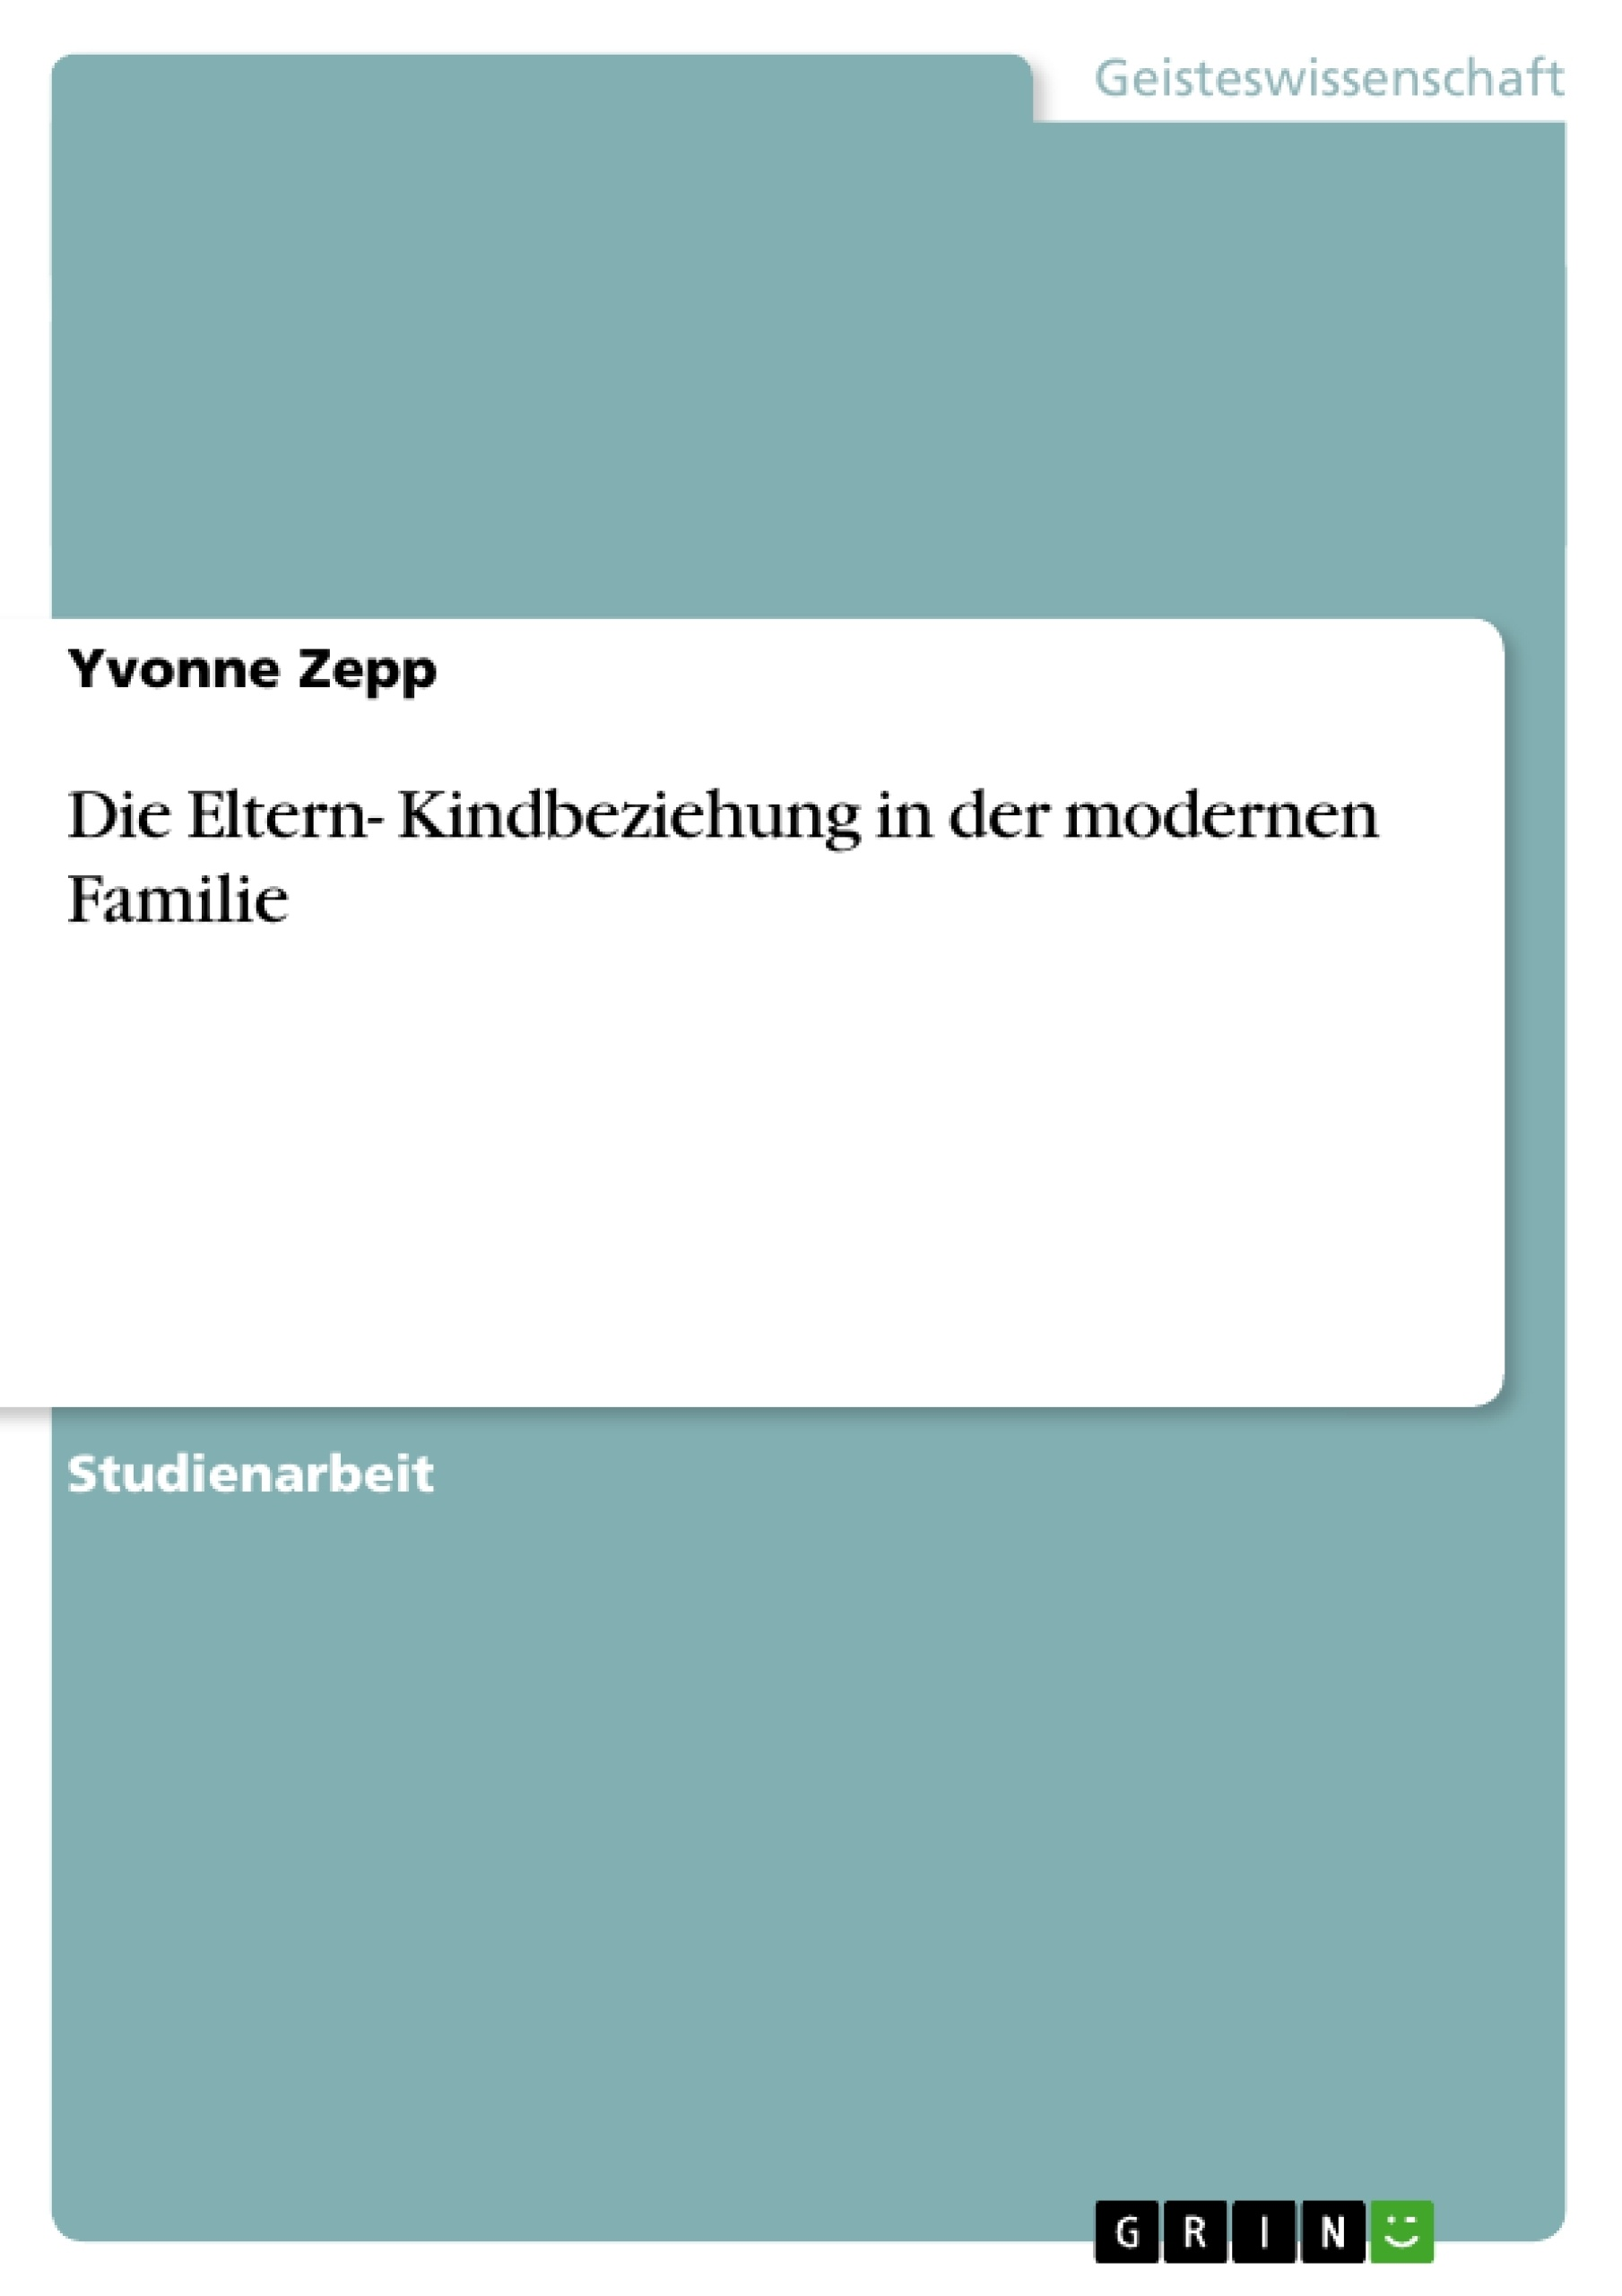 Titel: Die Eltern- Kindbeziehung in der modernen Familie